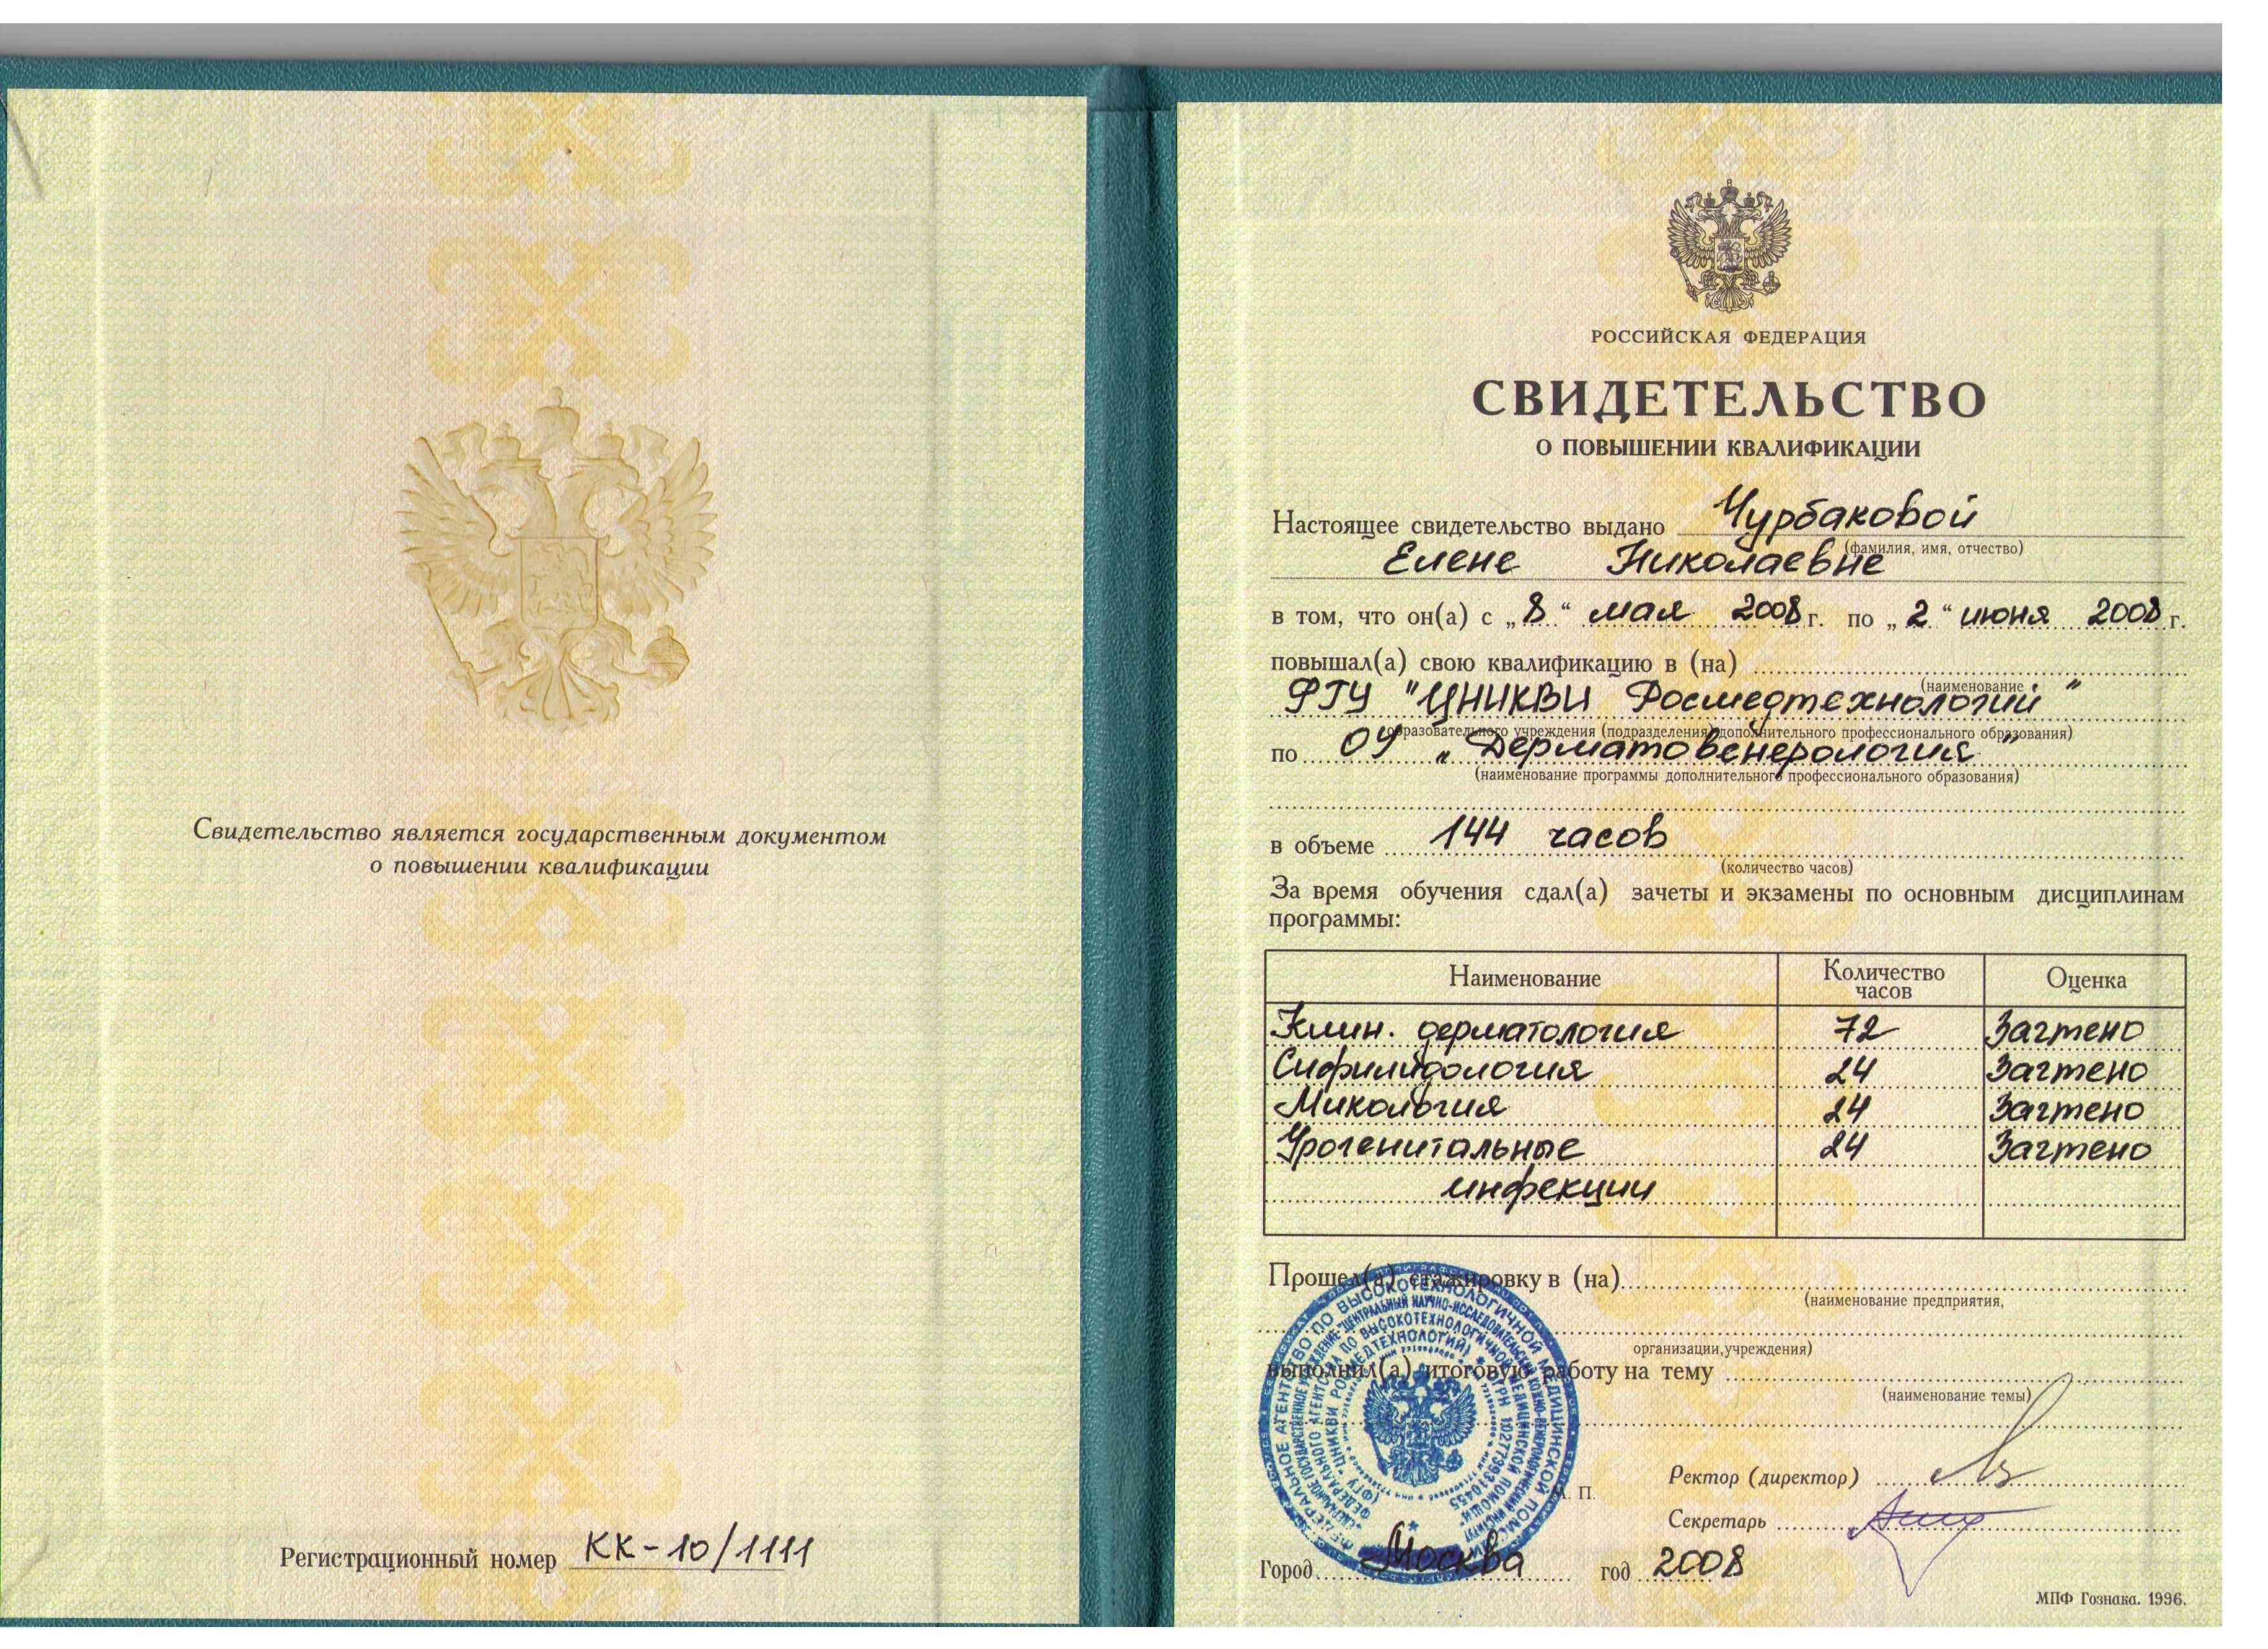 2008 продление сертификата по первичной специализации дерматовенерология